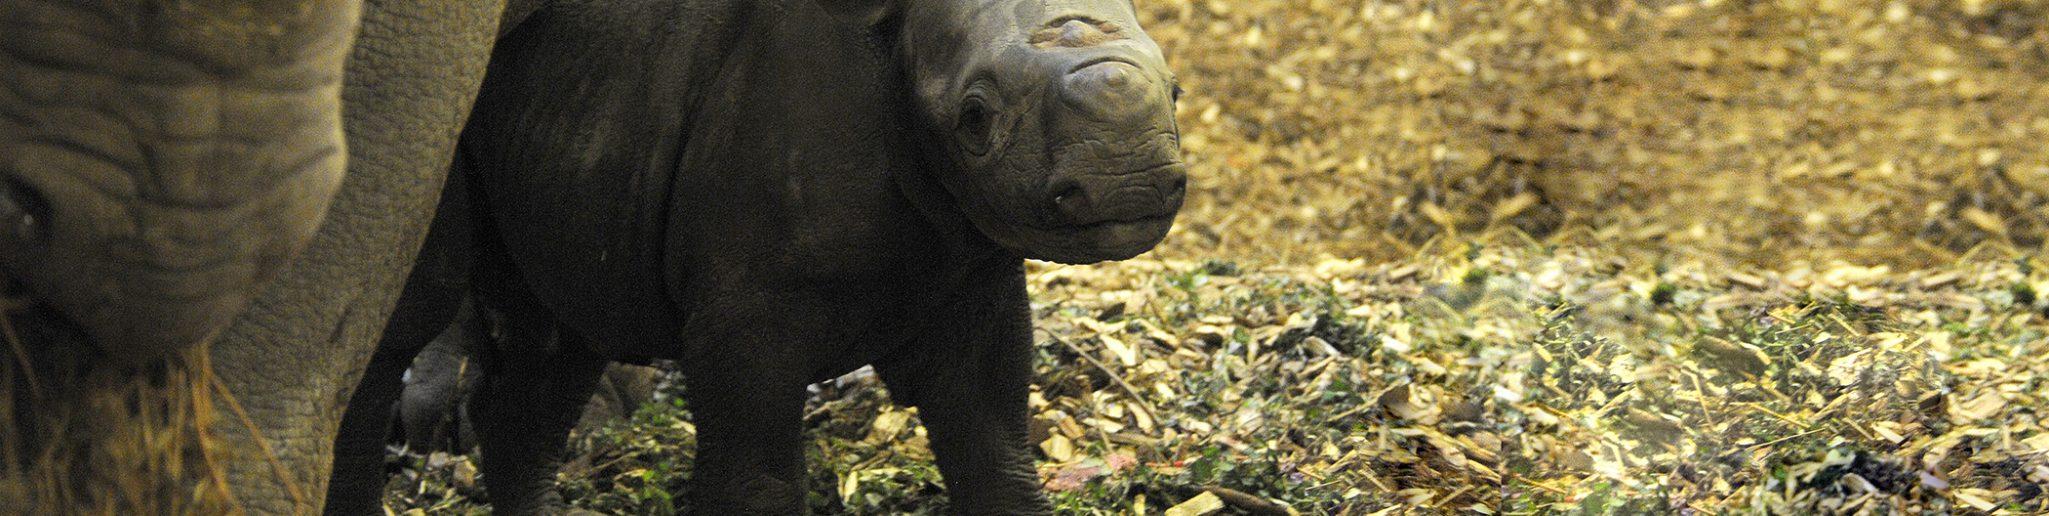 pasgeboren zwarte neushoorntje